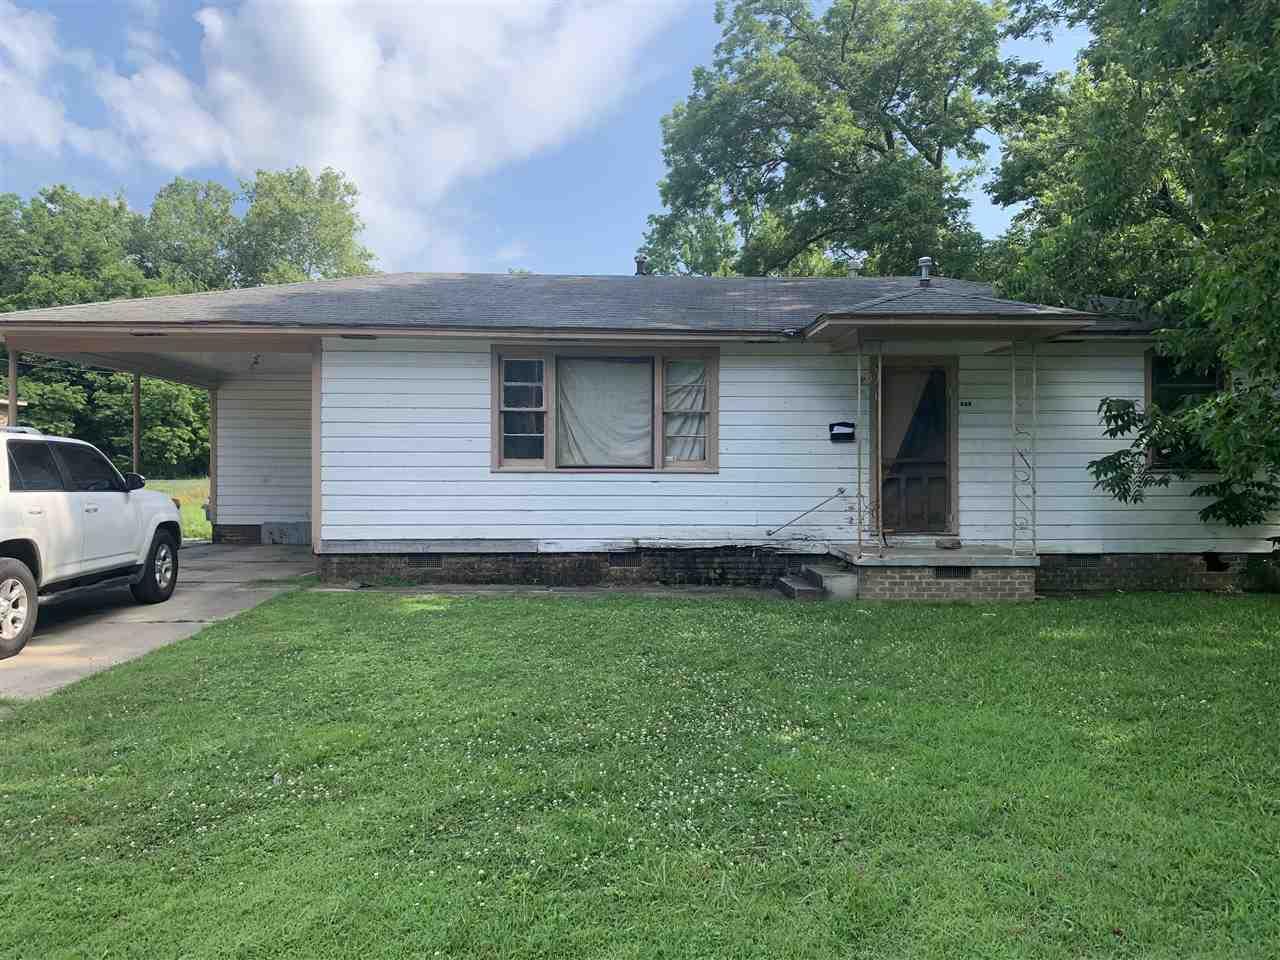 205 E 21st, Pine Bluff, AR 71601